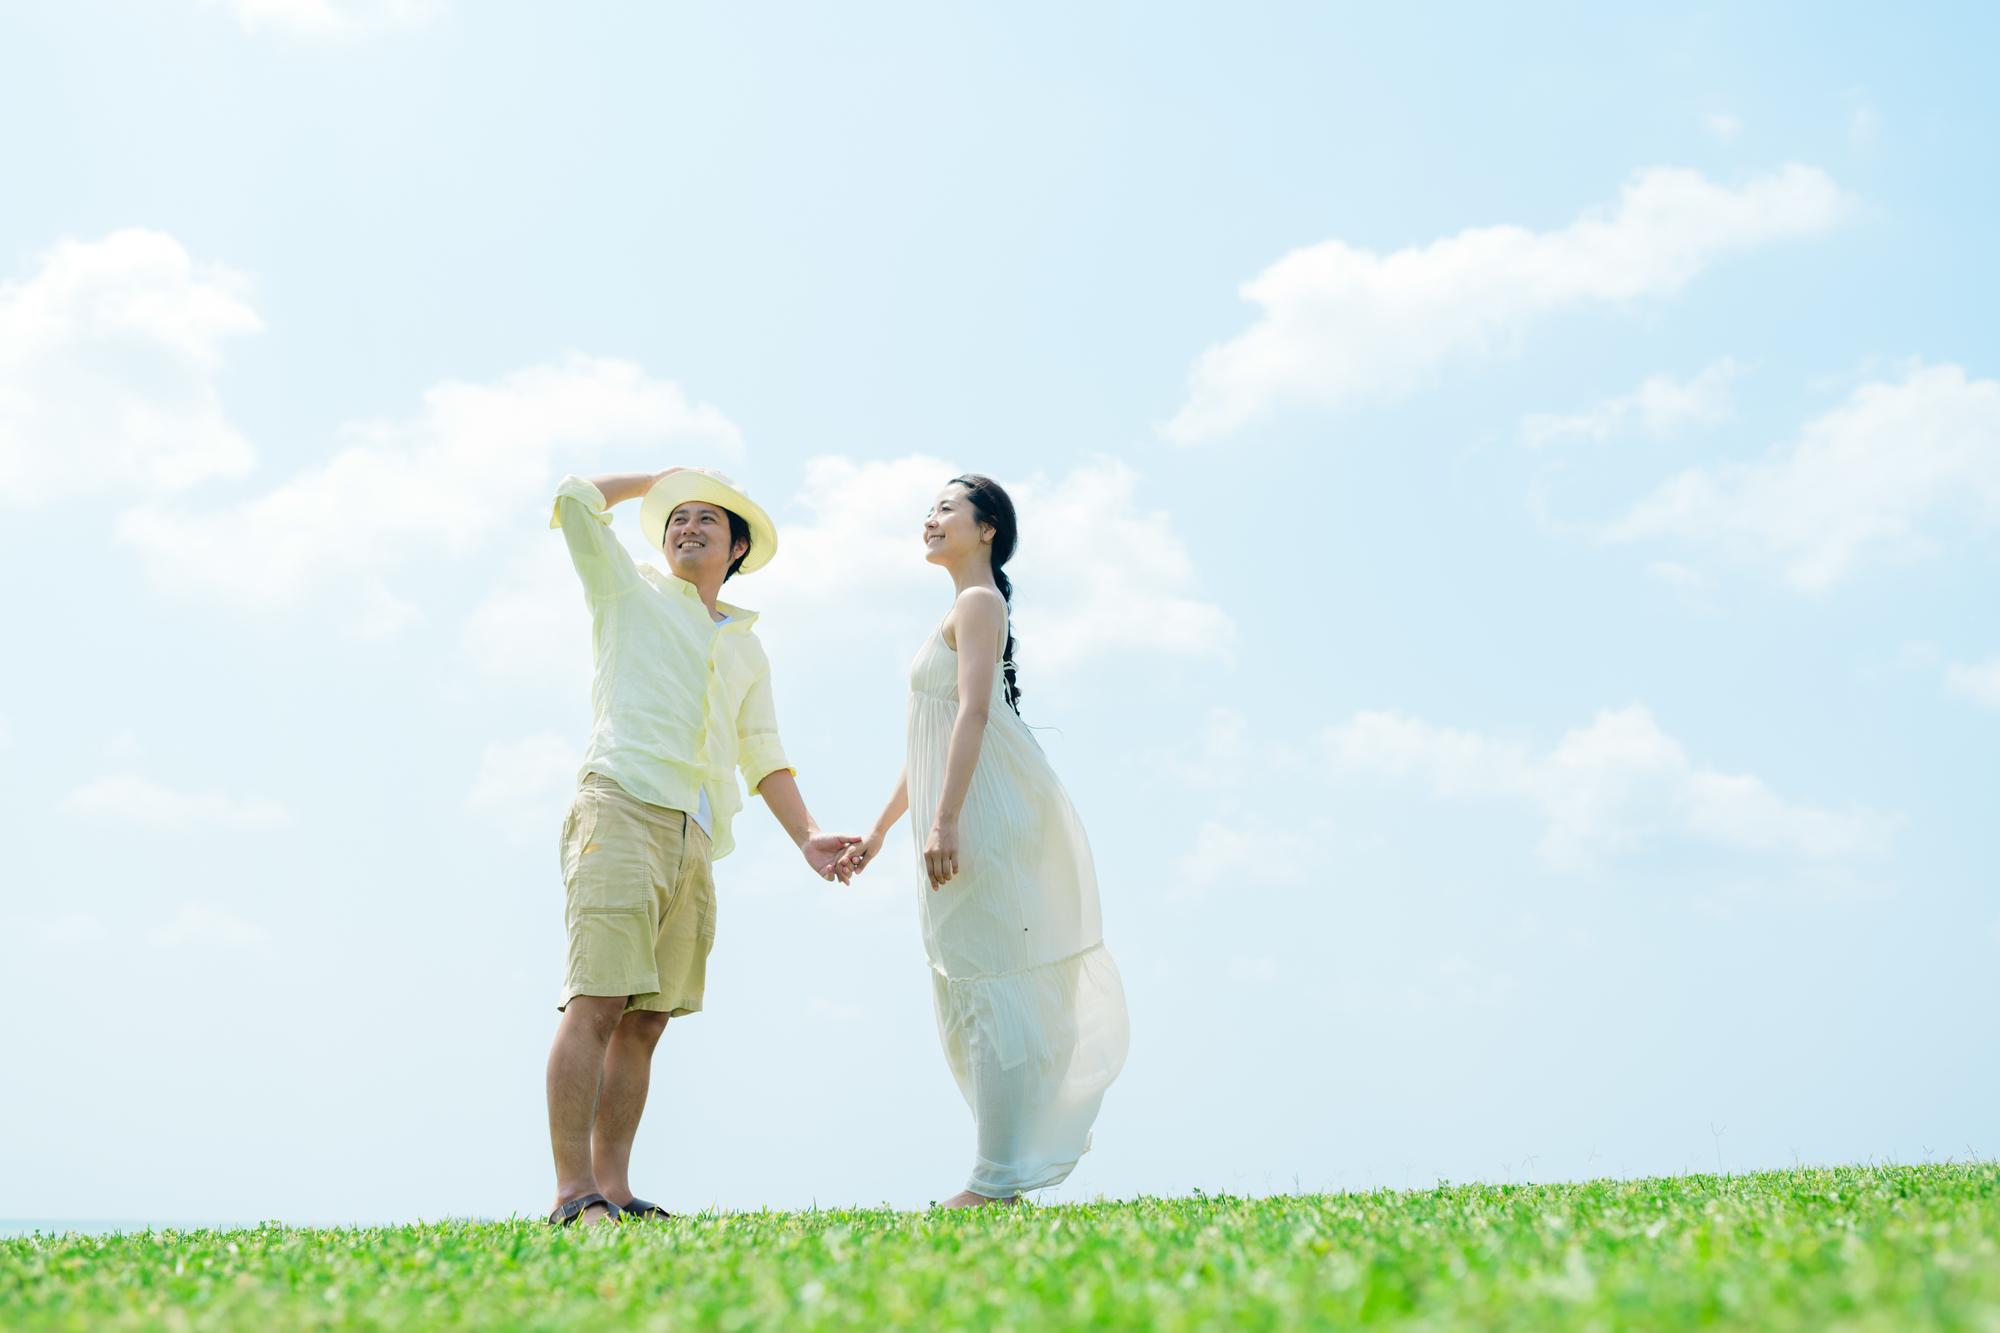 婚活が辛い時こそ考えたい!結婚する意味とは